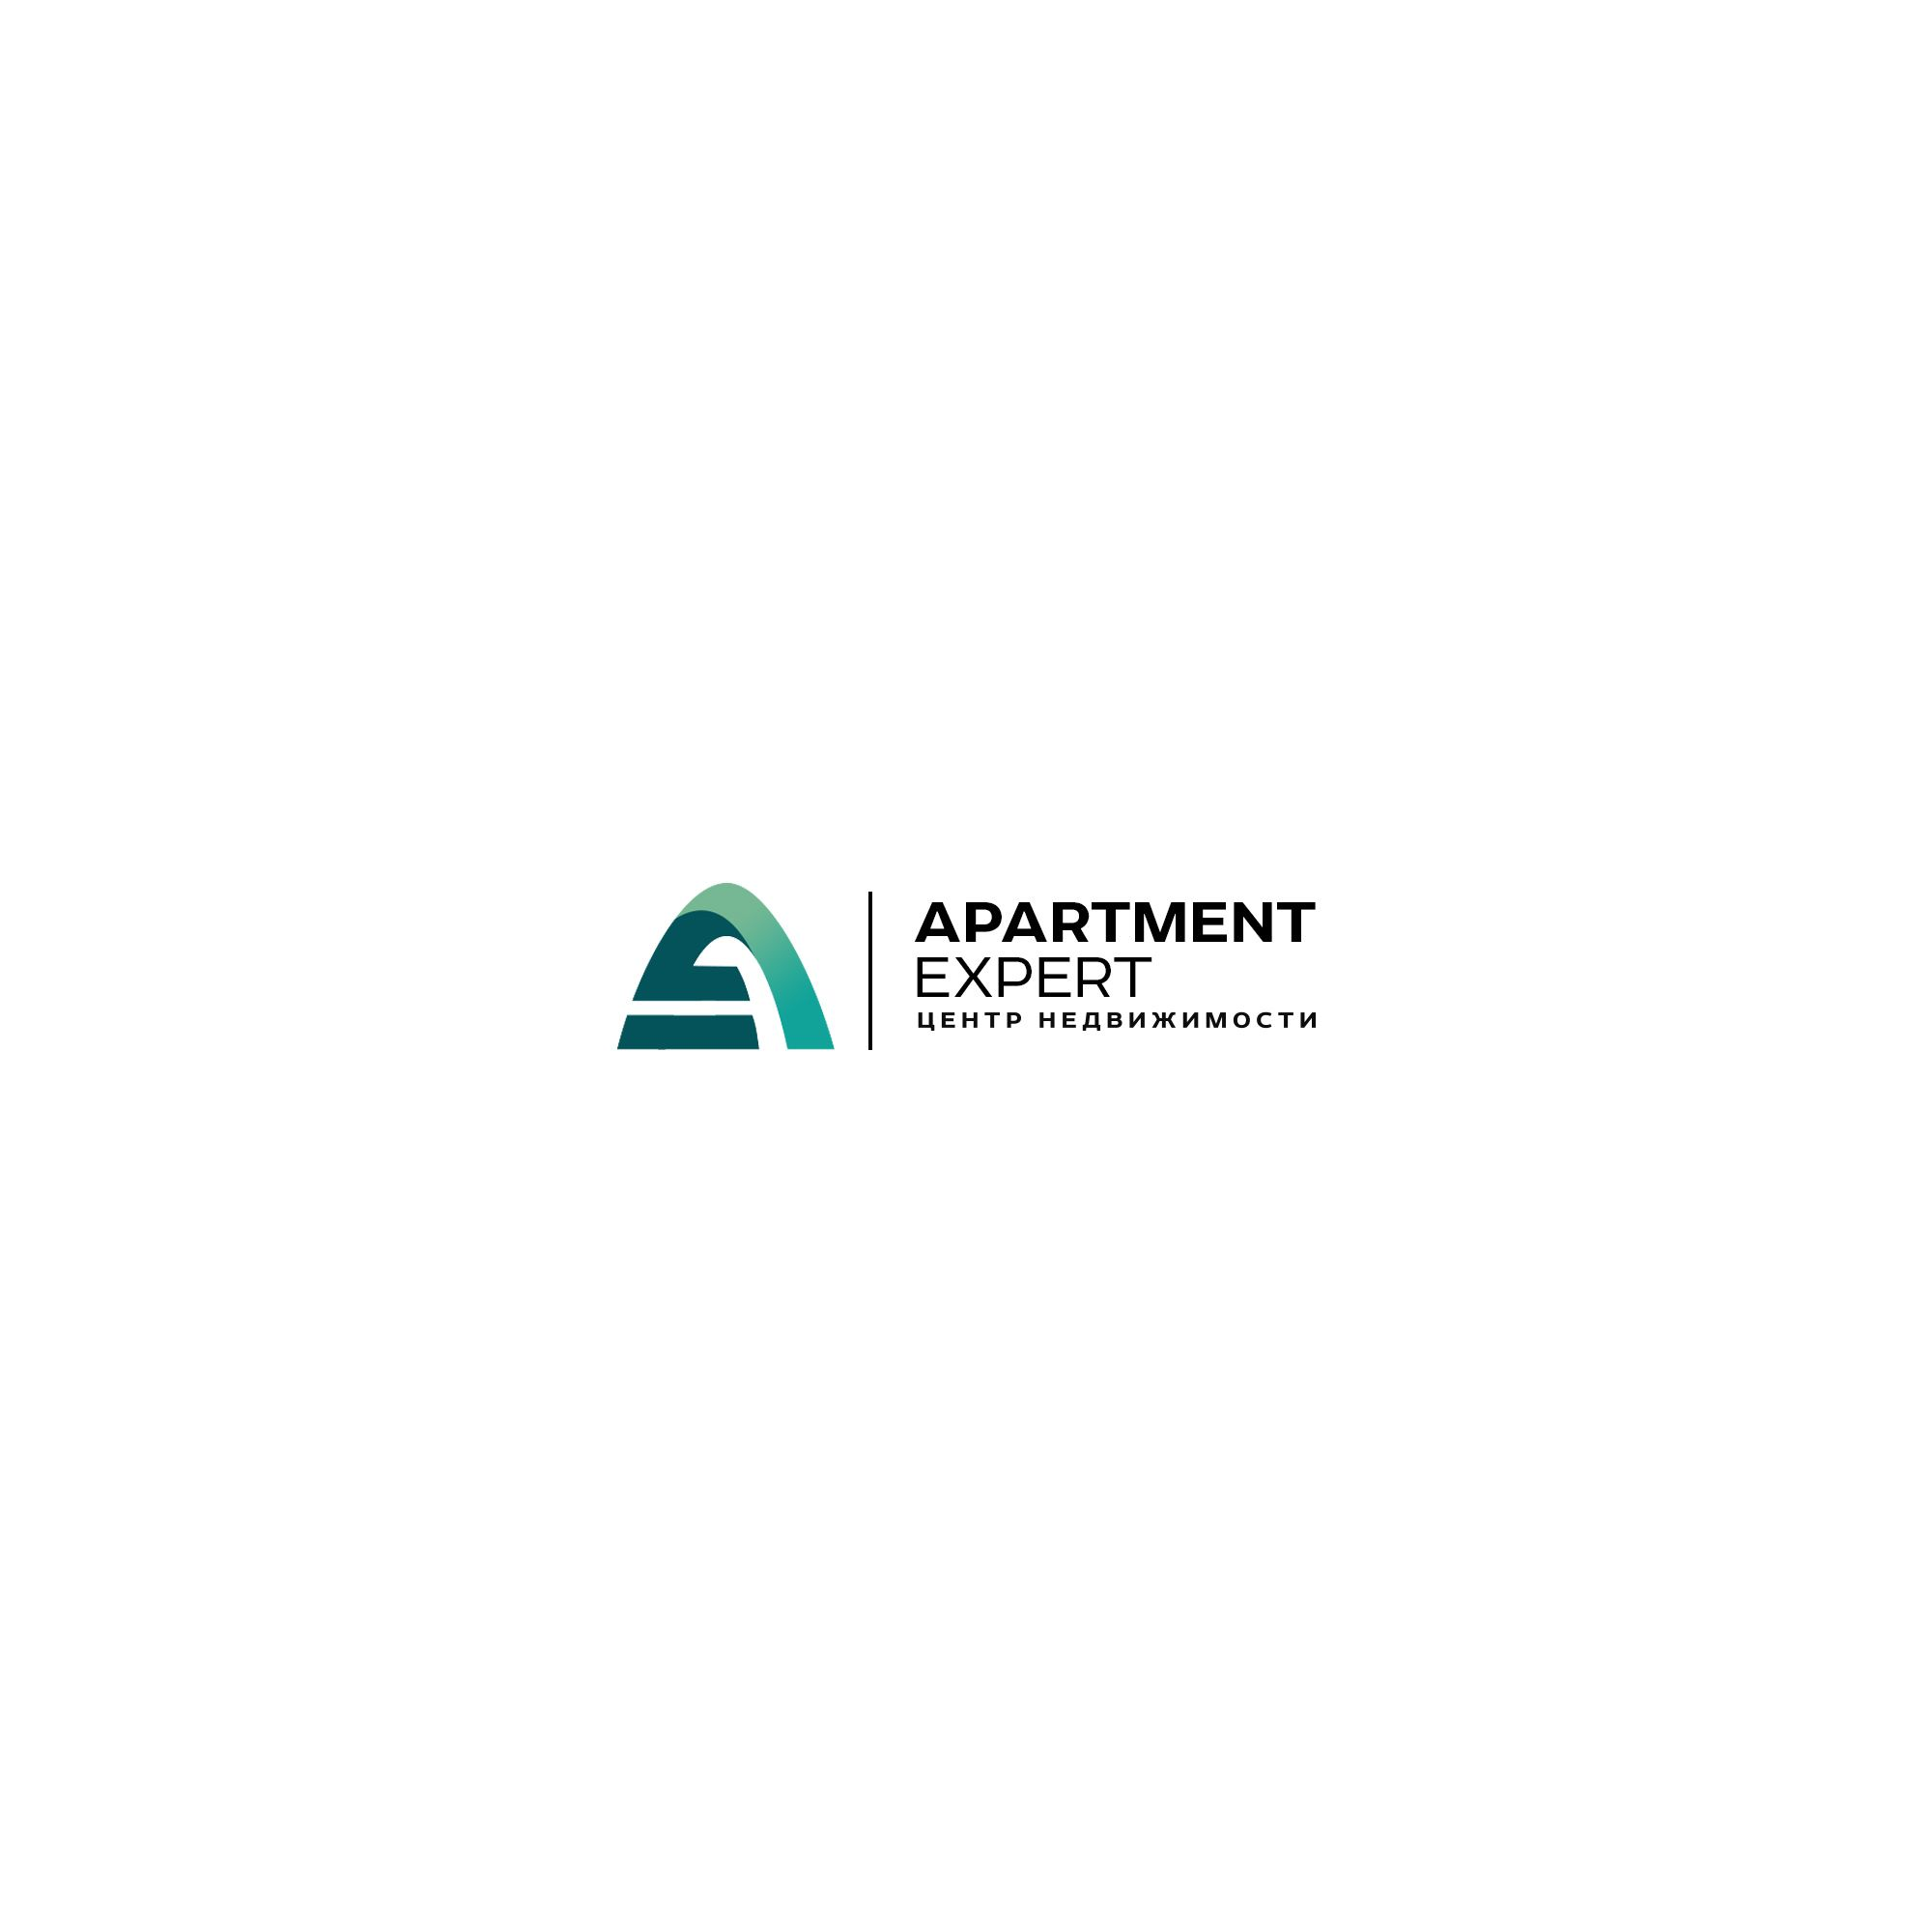 Логотип для APARTMENT EXPERT - ЦЕНТР НЕДВИЖИМОСТИ - дизайнер weste32